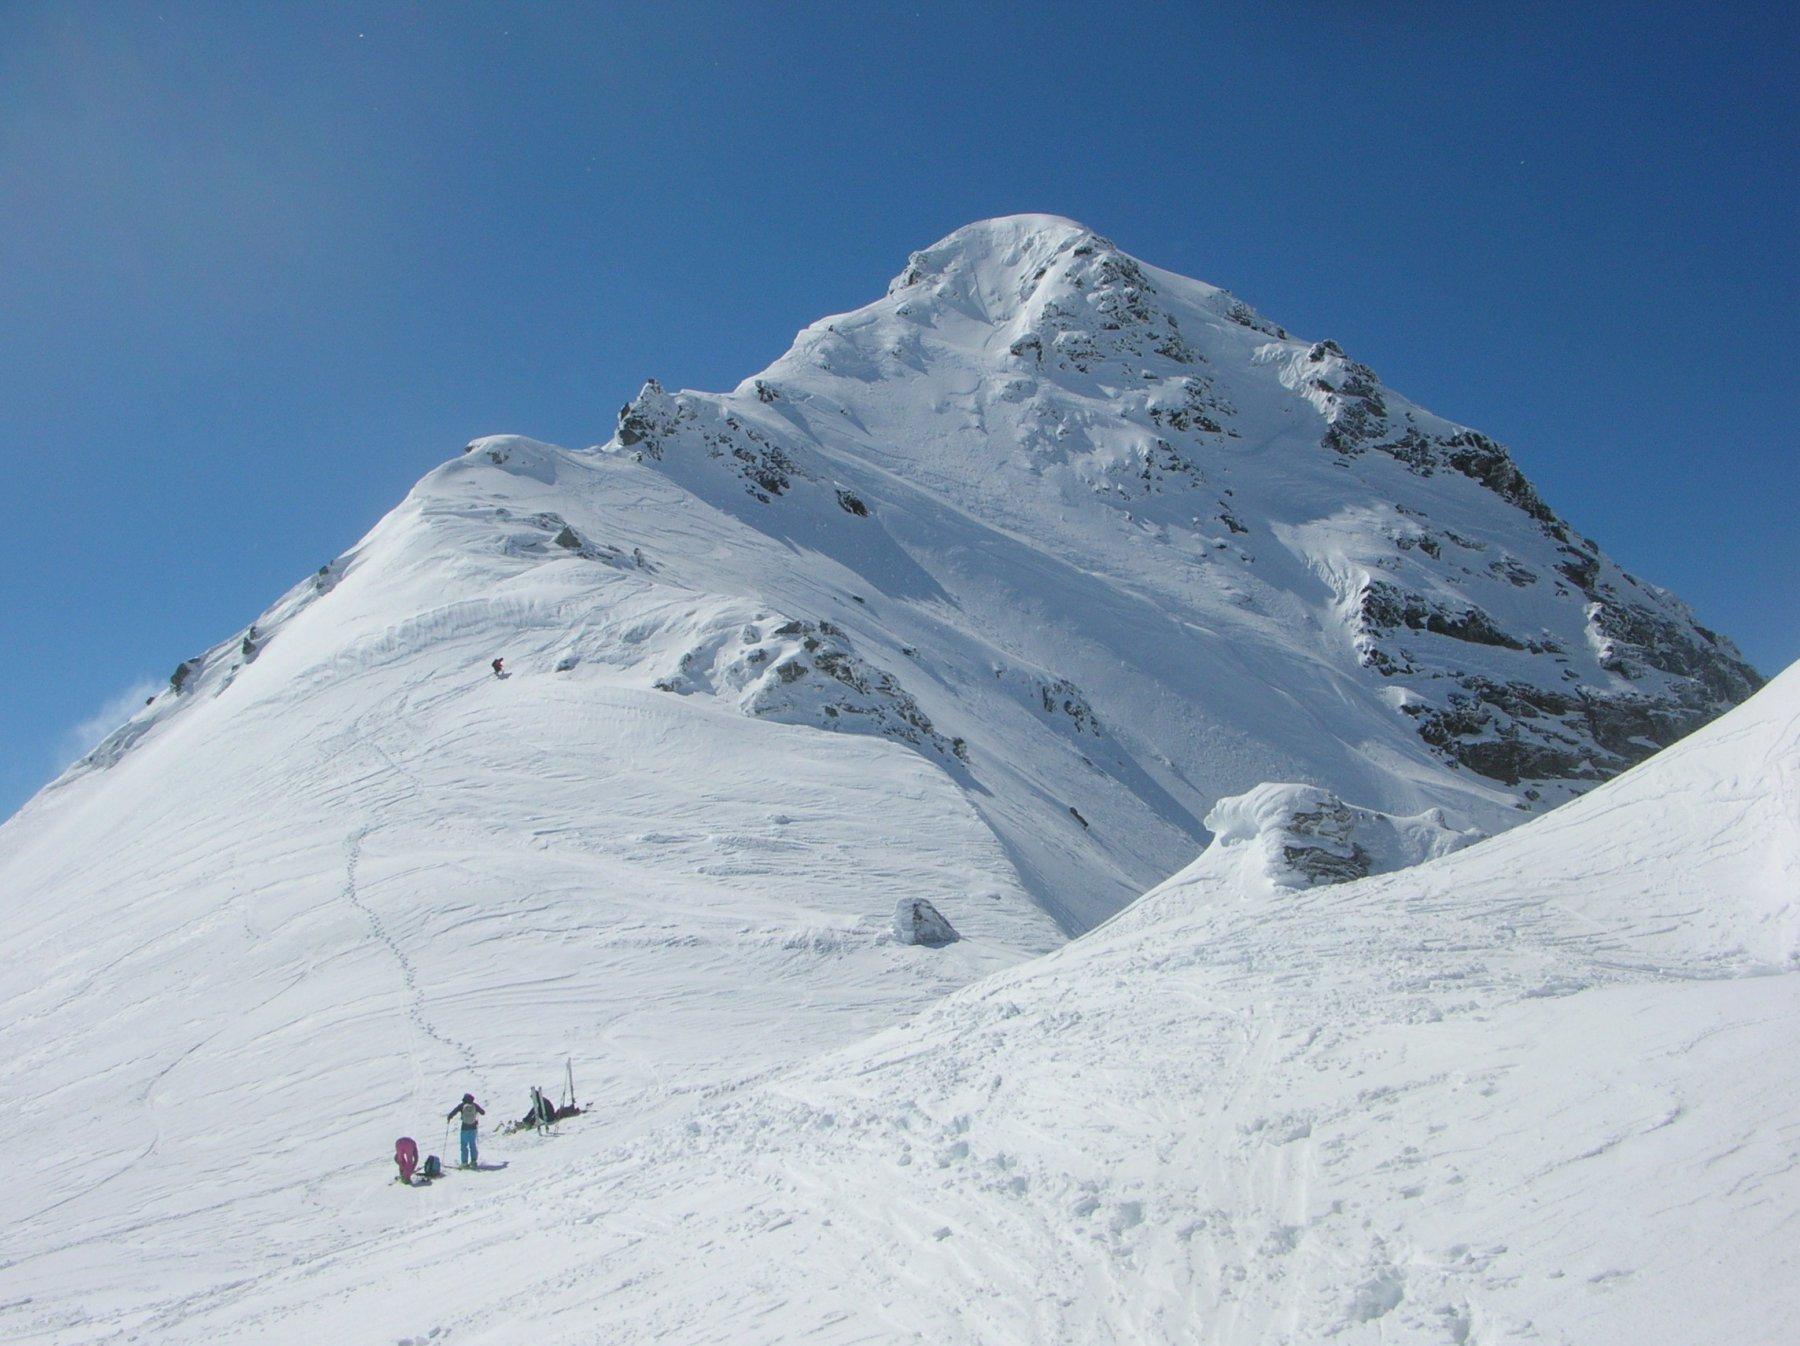 vista della cresta finale fatta a piedi (qualcuno si è avventurato a scenderla in parte con gli sci)